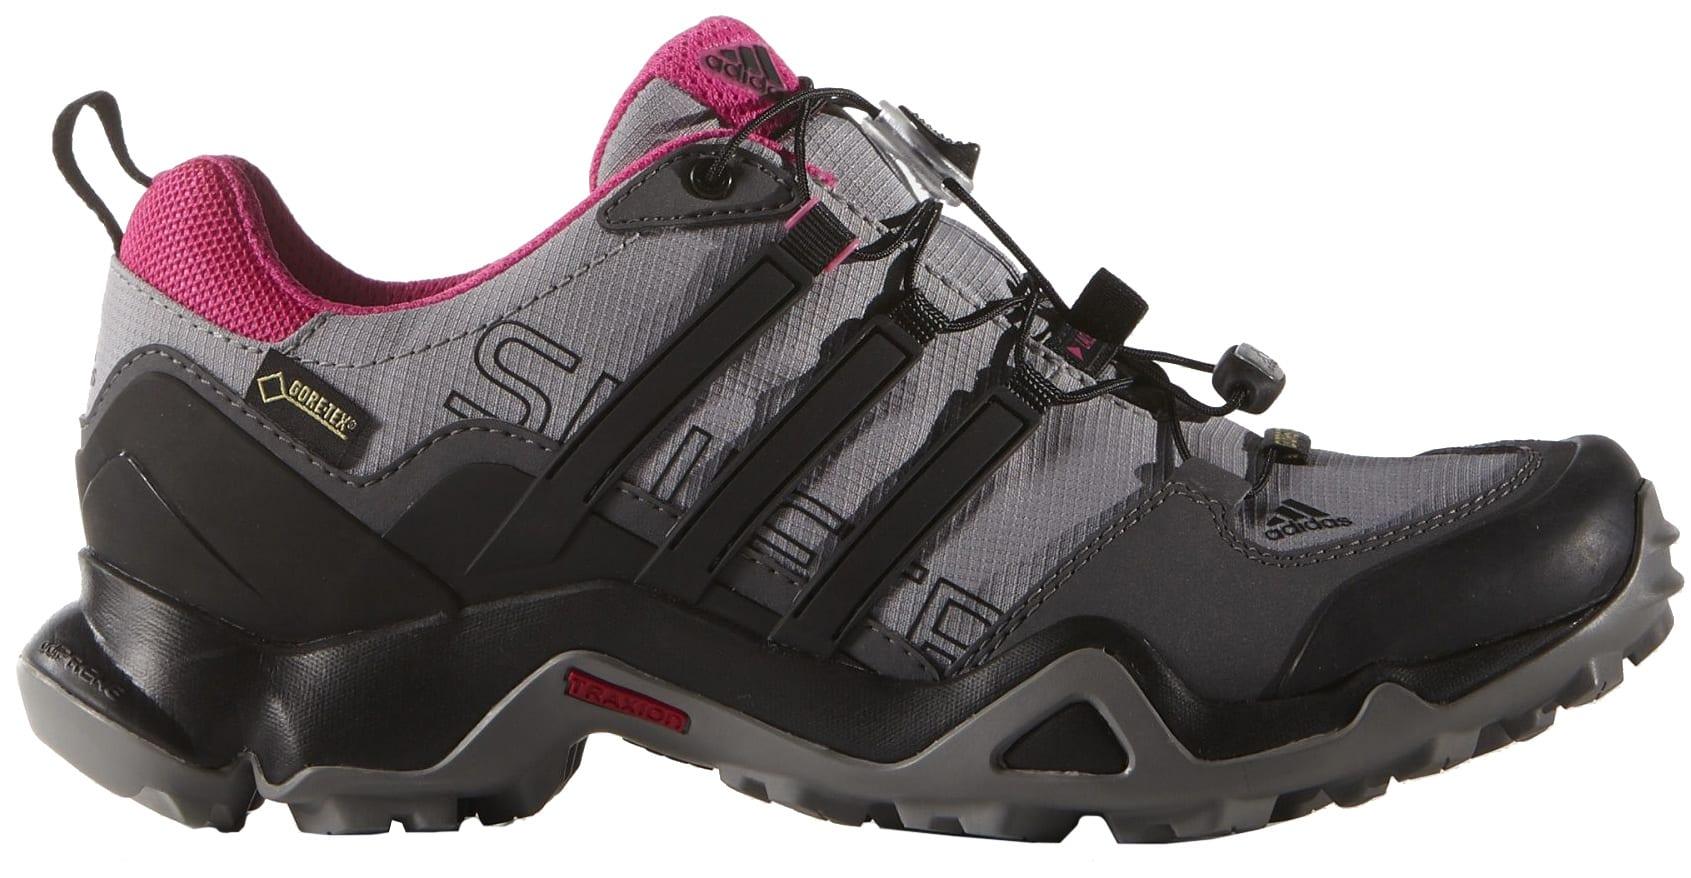 000a172e1 Adidas Terrex Swift R GTX Hiking Shoes - thumbnail 1